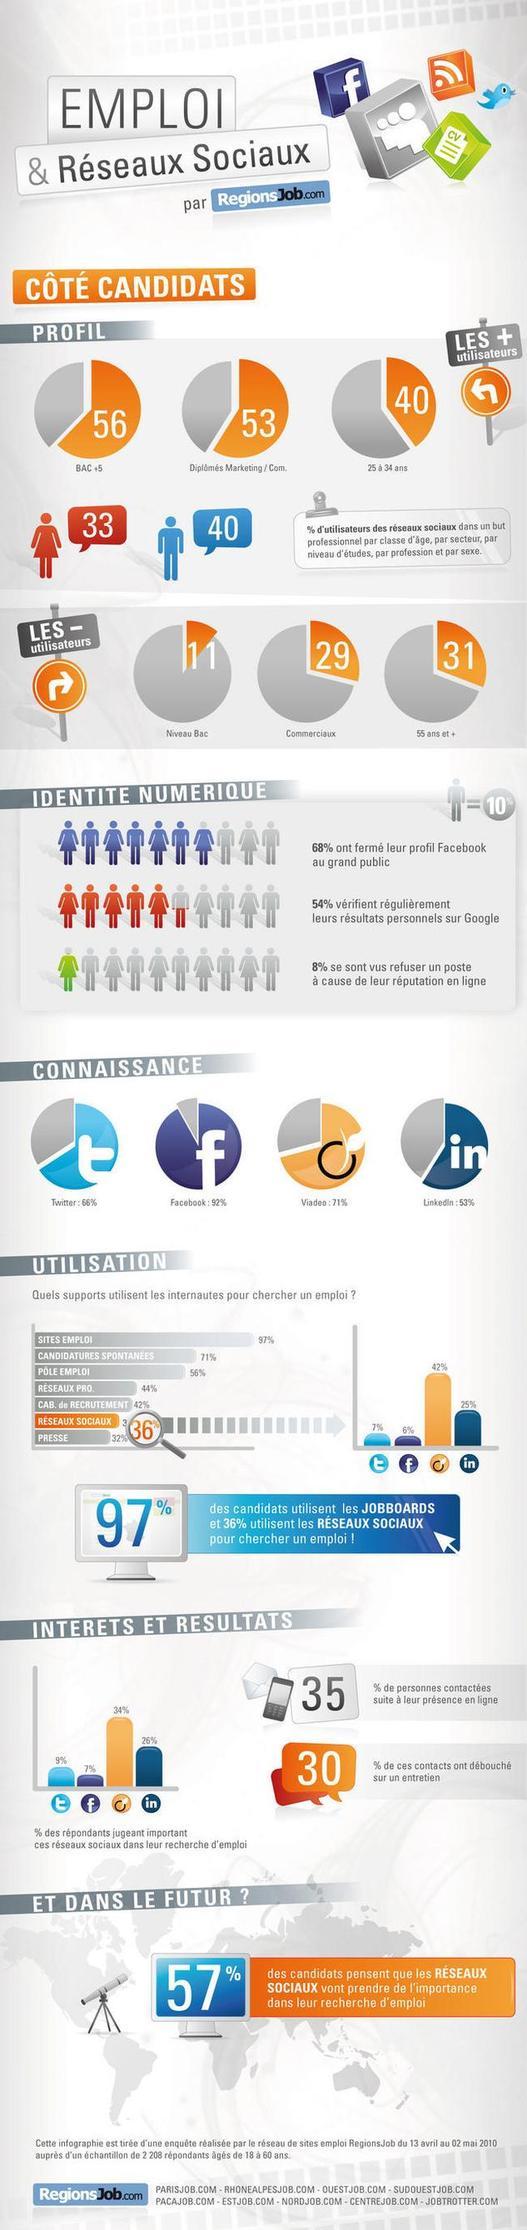 infographie enquete